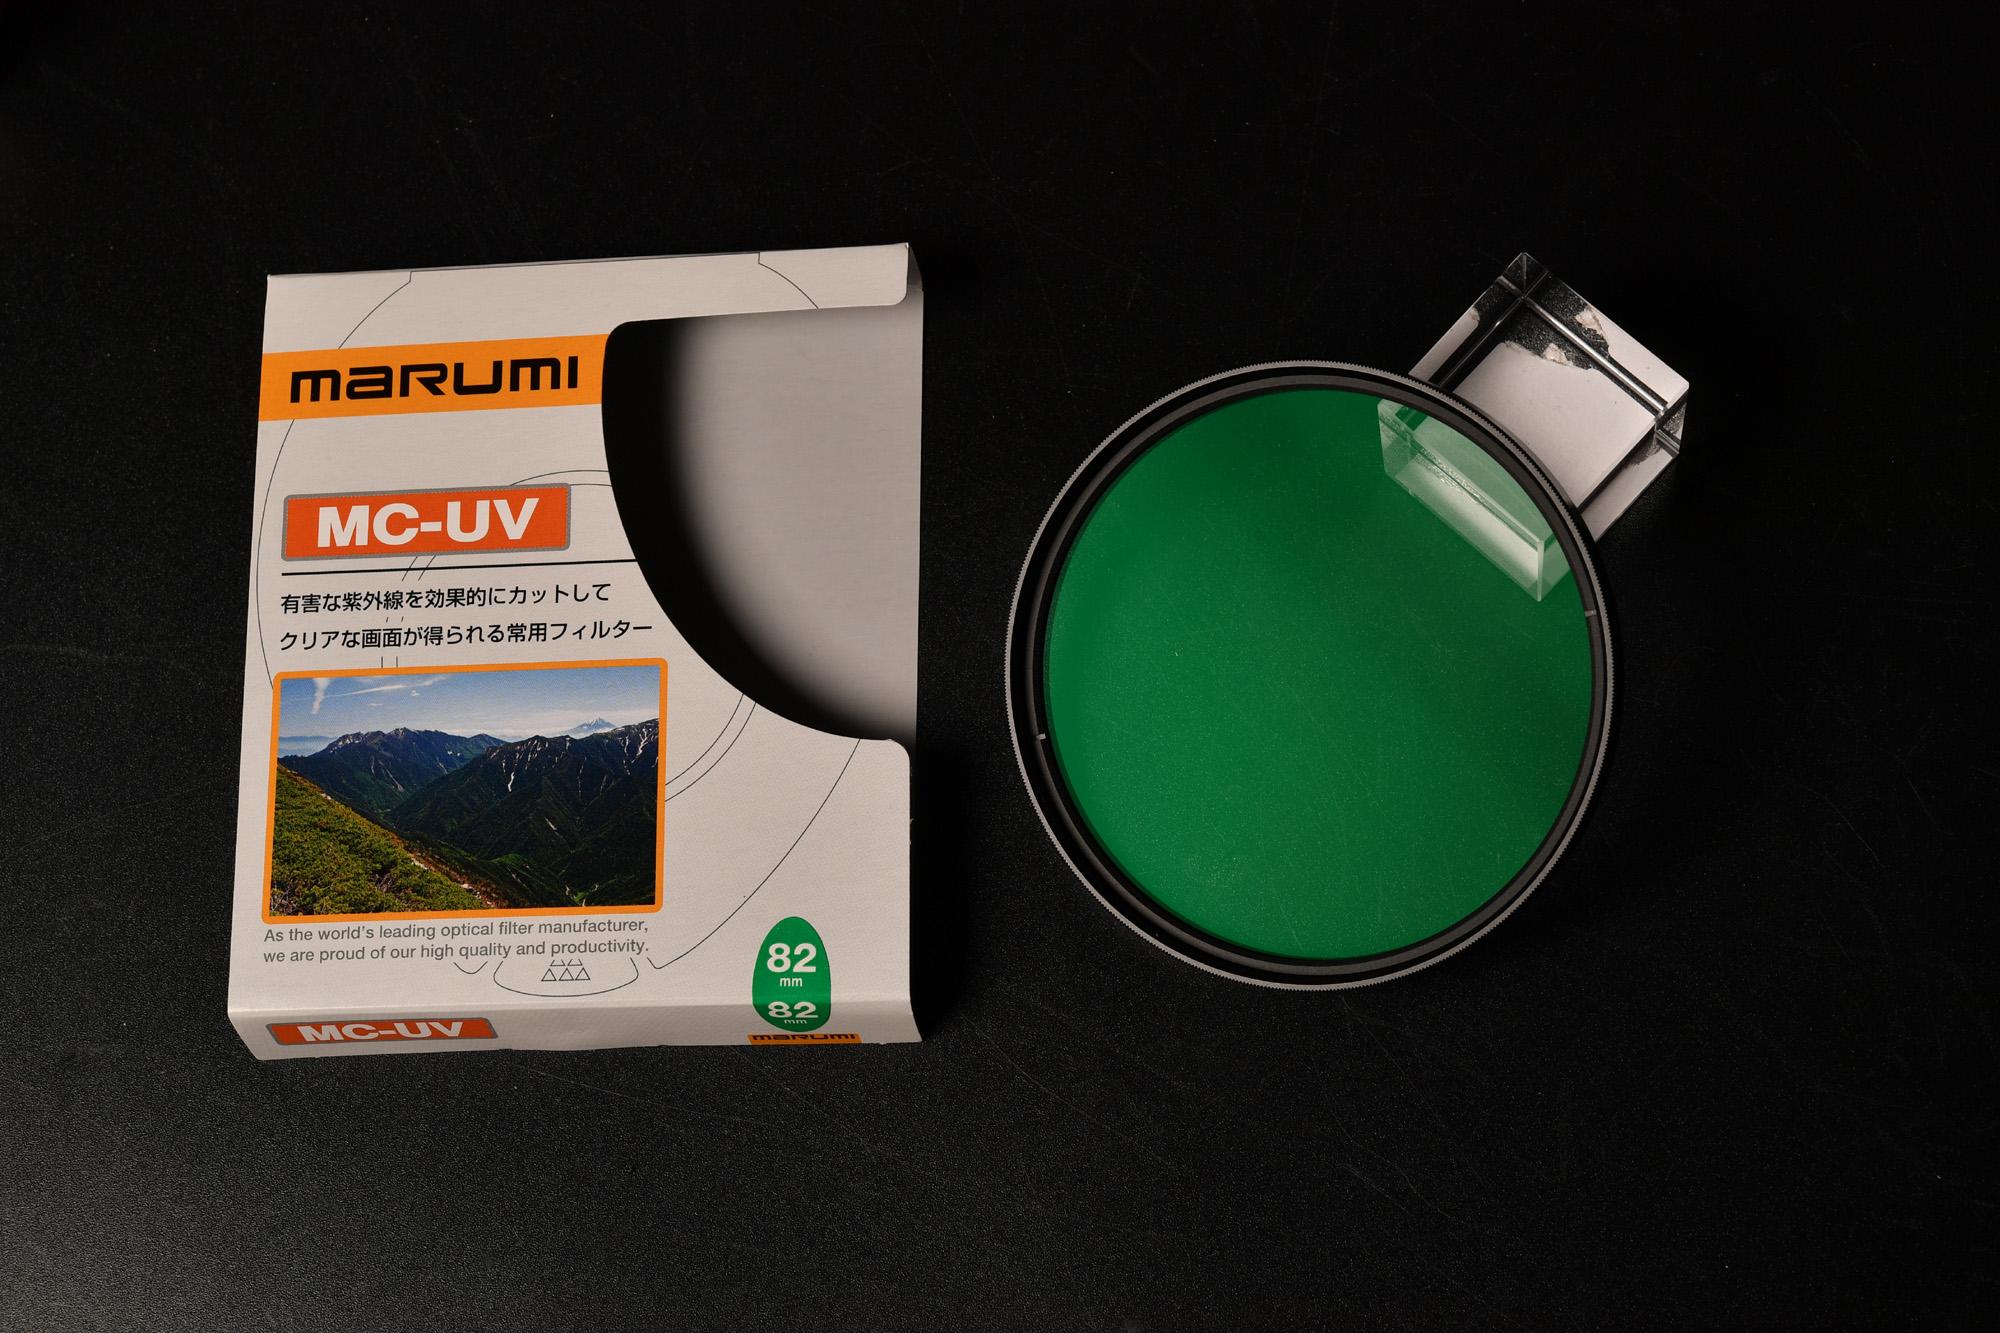 MARUMI UVフィルター 82mm MC-UV 紫外線吸収用 デジスコ用に買ったがサイズ違い!(*_*)